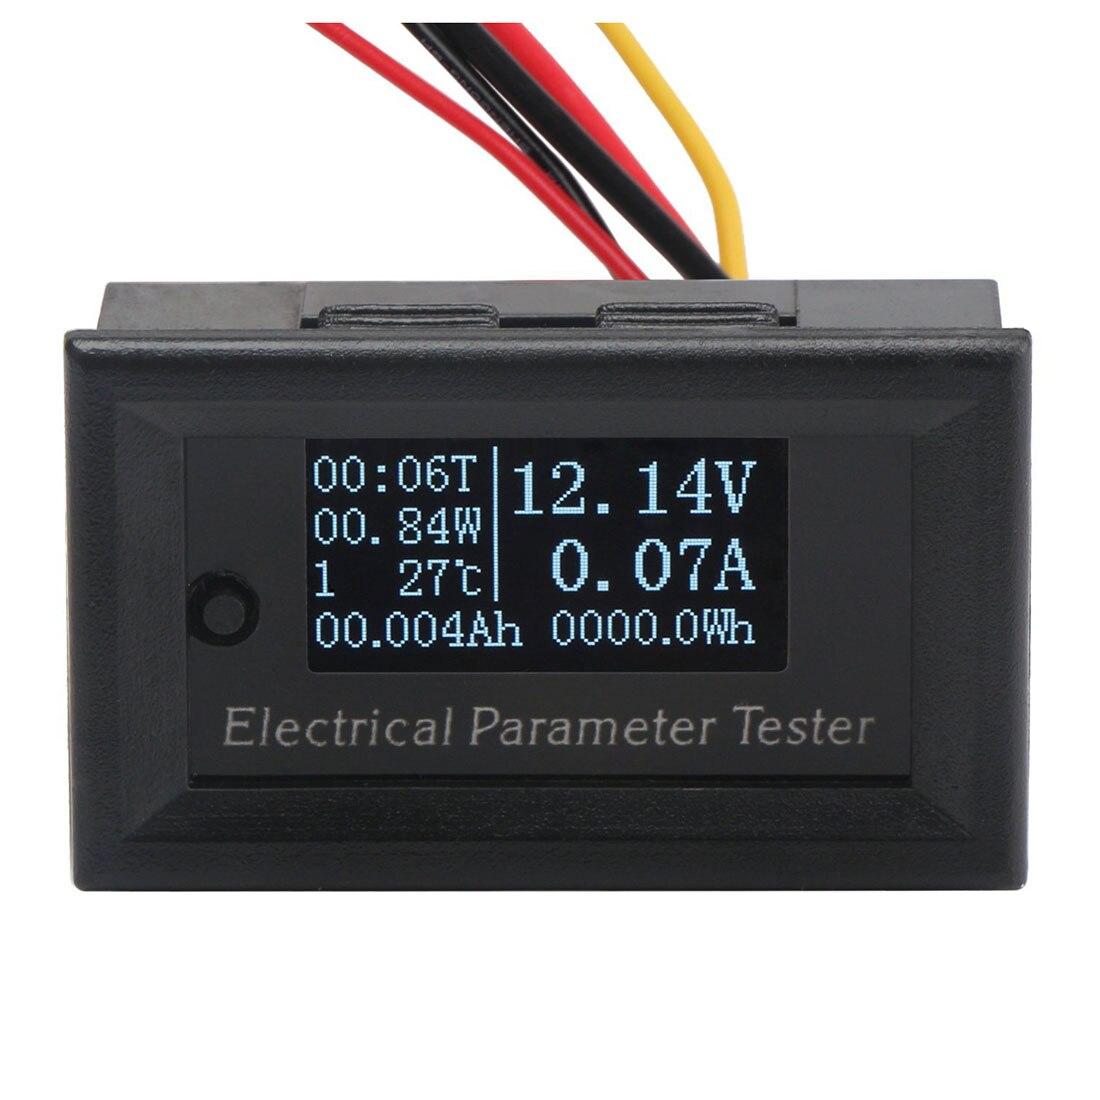 Практичный 7in1 OLED мультиметр Ампер Напряжение Ёмкость Мощность Температура Мониторы DC 100 В 10A Амперметр Вольтметр Ватт метр